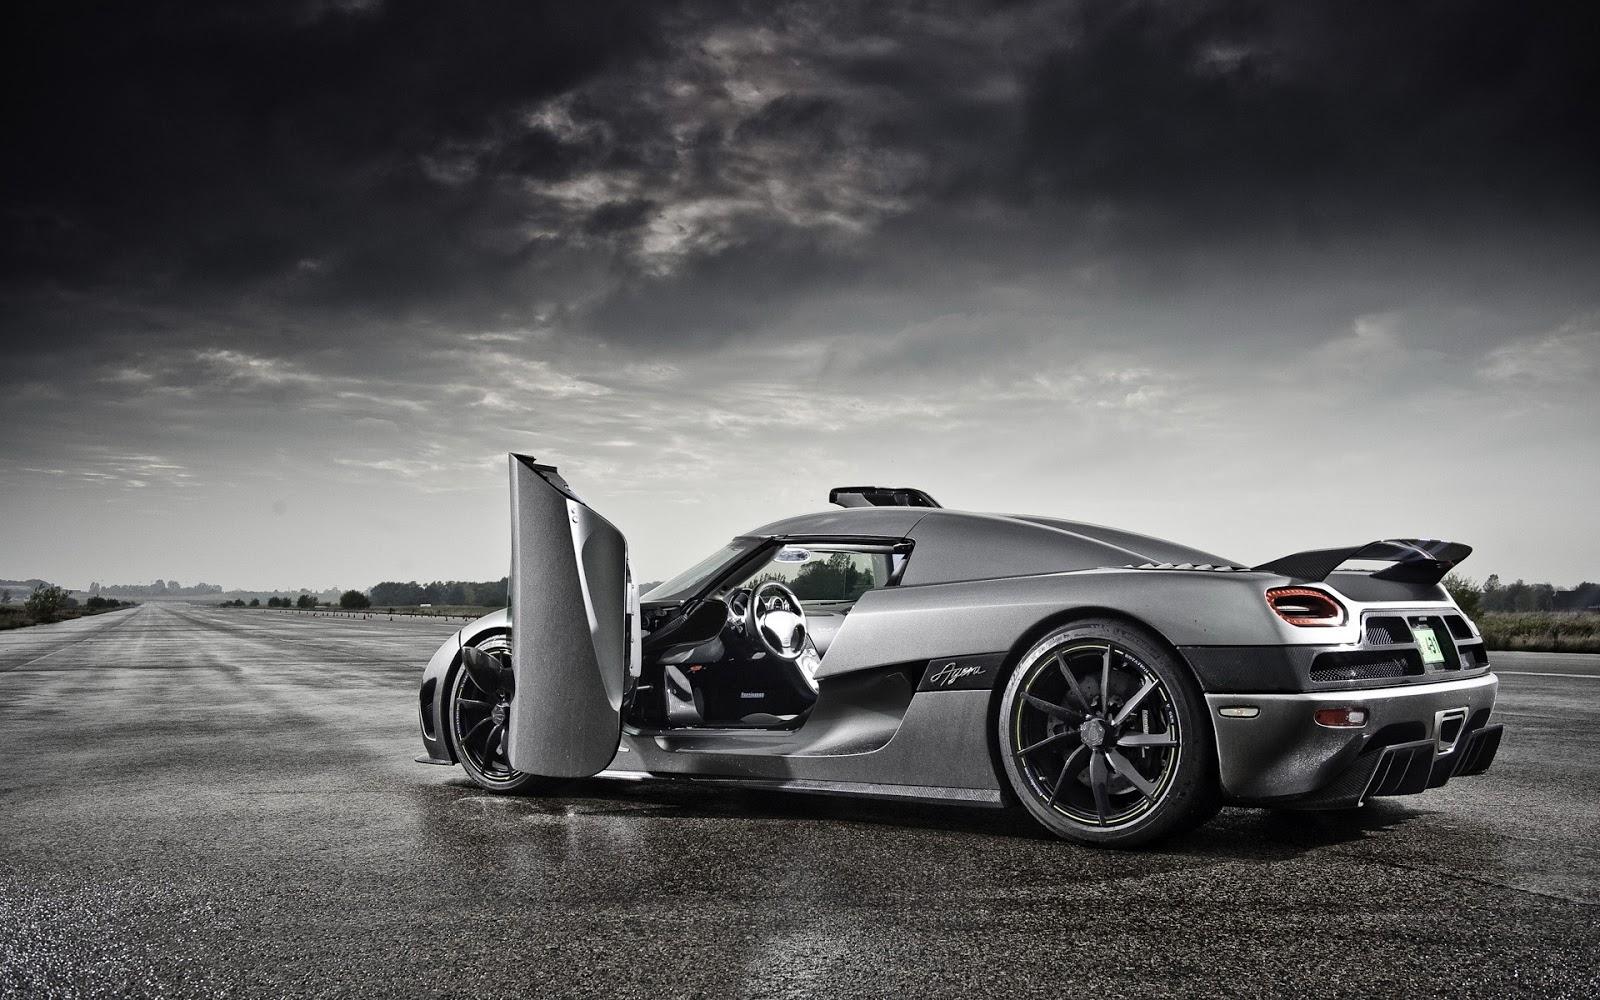 Super Cars Hd Wallpaper: Super Car HD Wallpapers